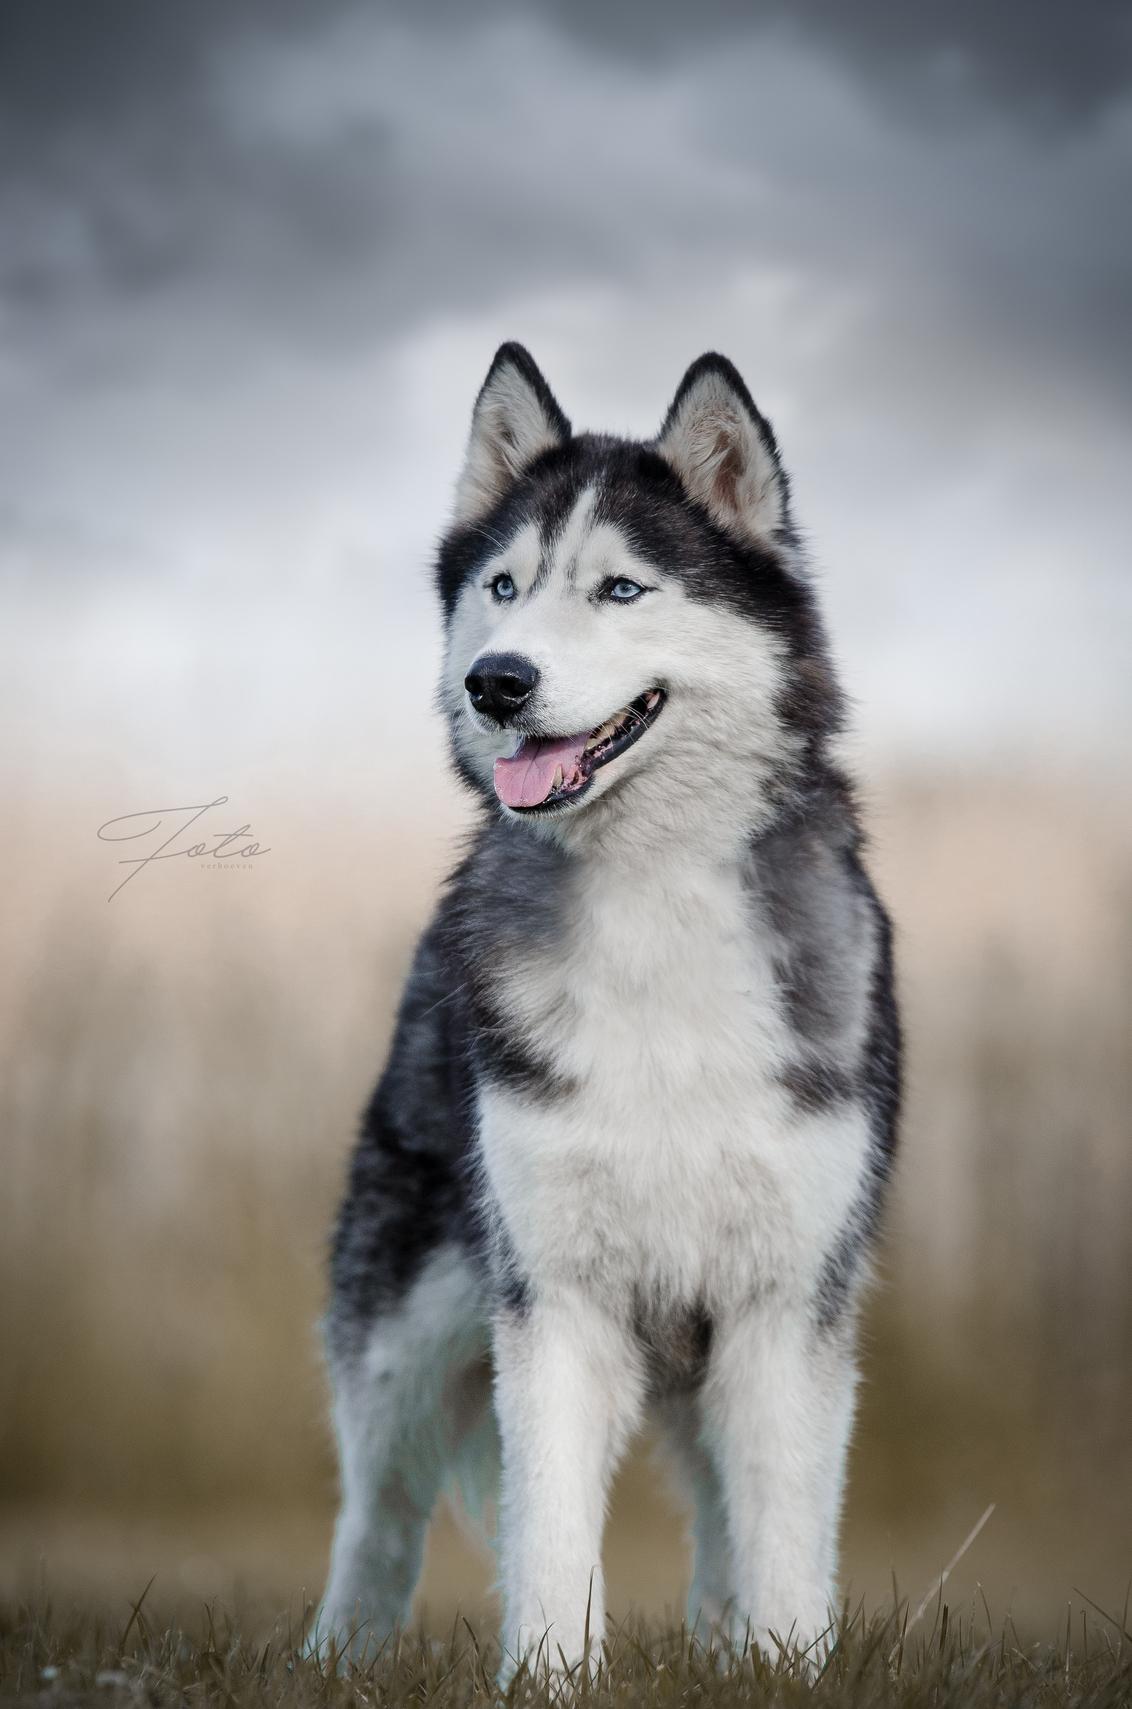 Silver - Een van de zes husky's van sledehondenteam Silver Linings. - foto door HannahV op 18-06-2017 - deze foto bevat: lucht, wolken, natuur, huisdier, hond, husky